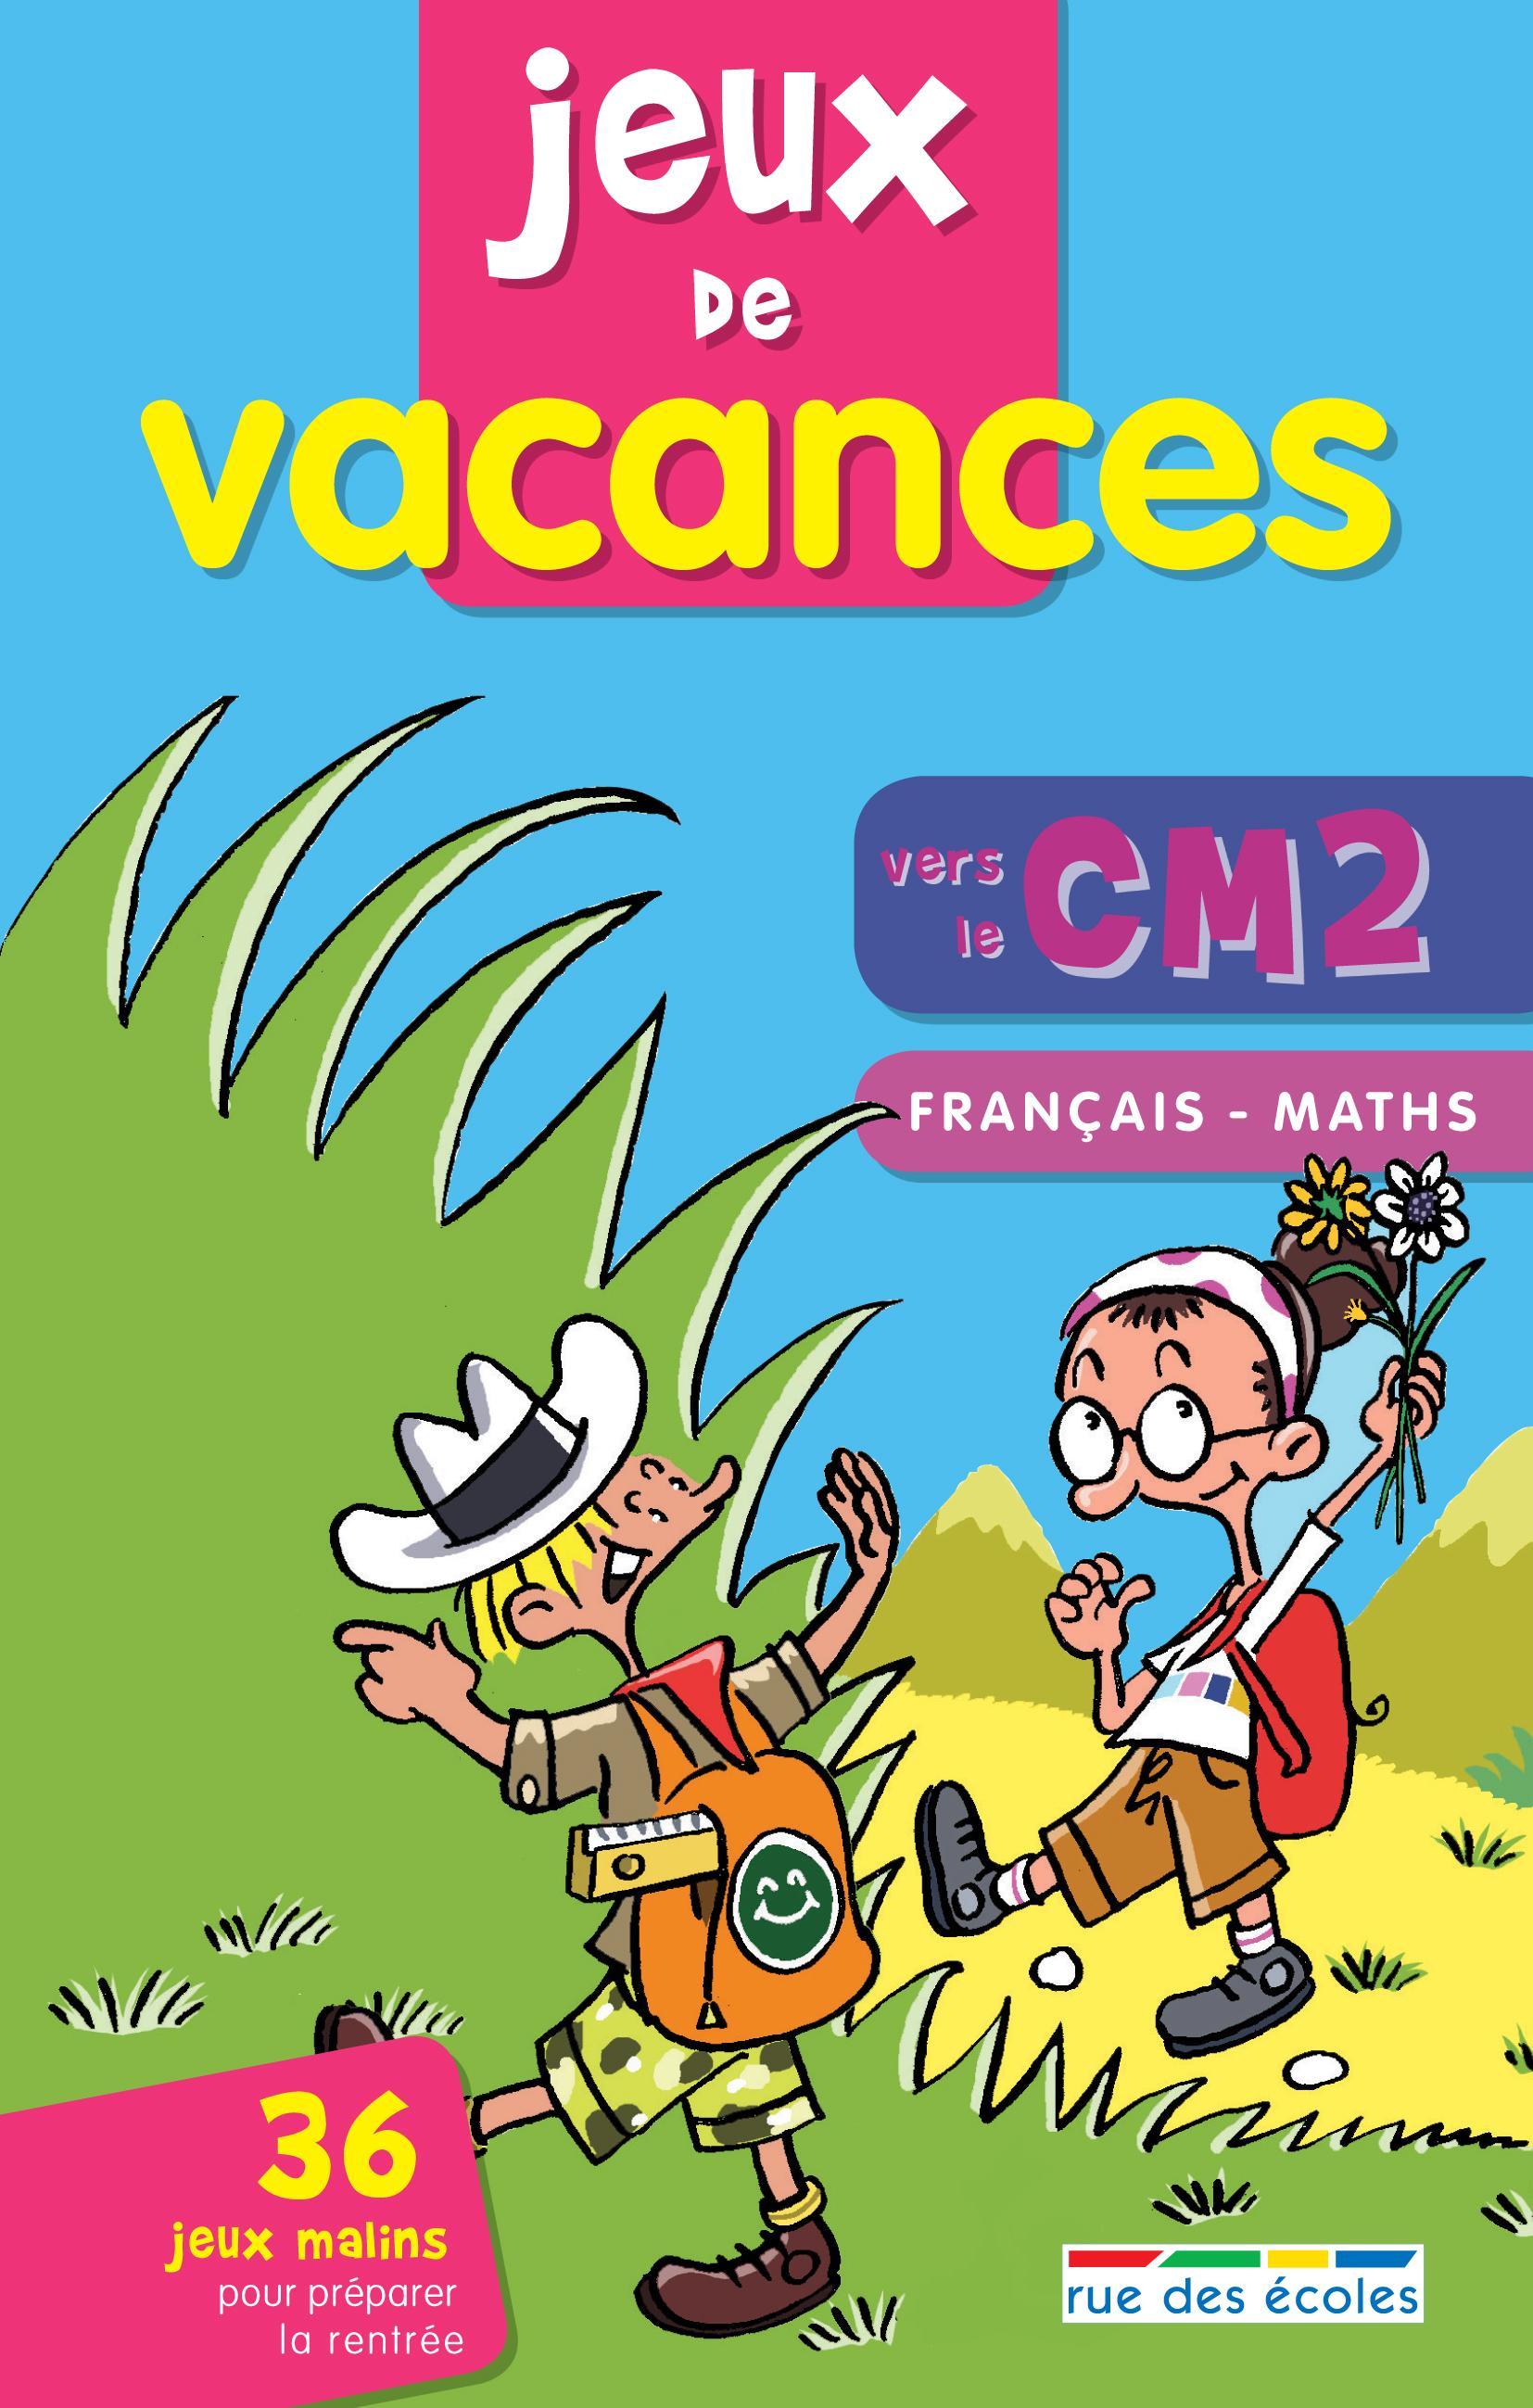 JEUX DE VACANCES VERS LE CM2